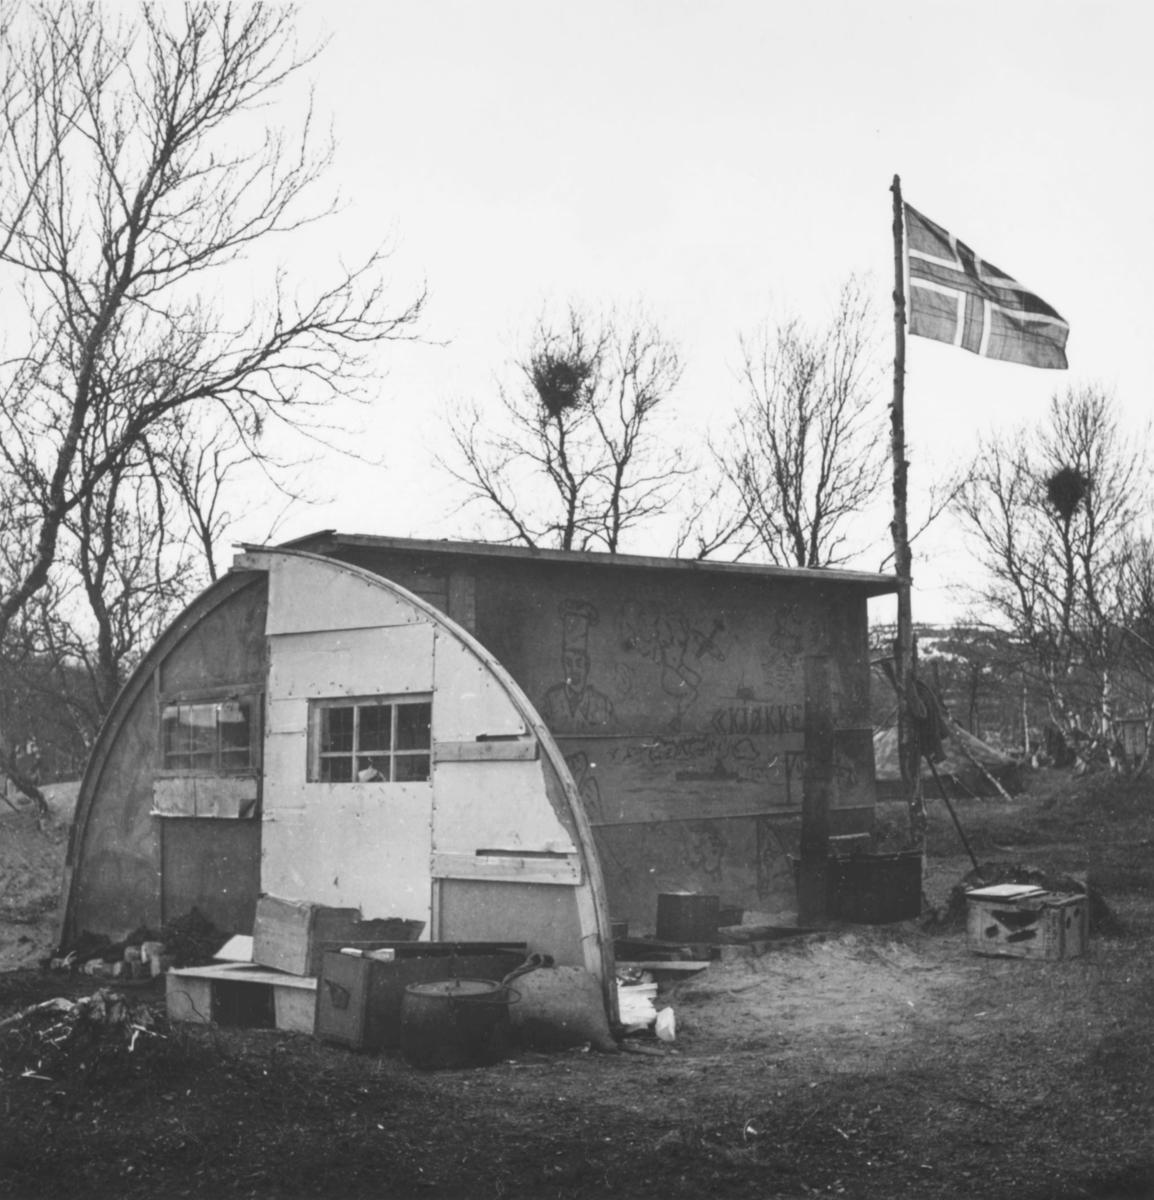 Militærleir med kjøkkenbrakke fotografert i Brennelv, Porsanger. Sannsynligvis er dette brakka som ble benyttet av norske frigjøringssoldater i 1944.